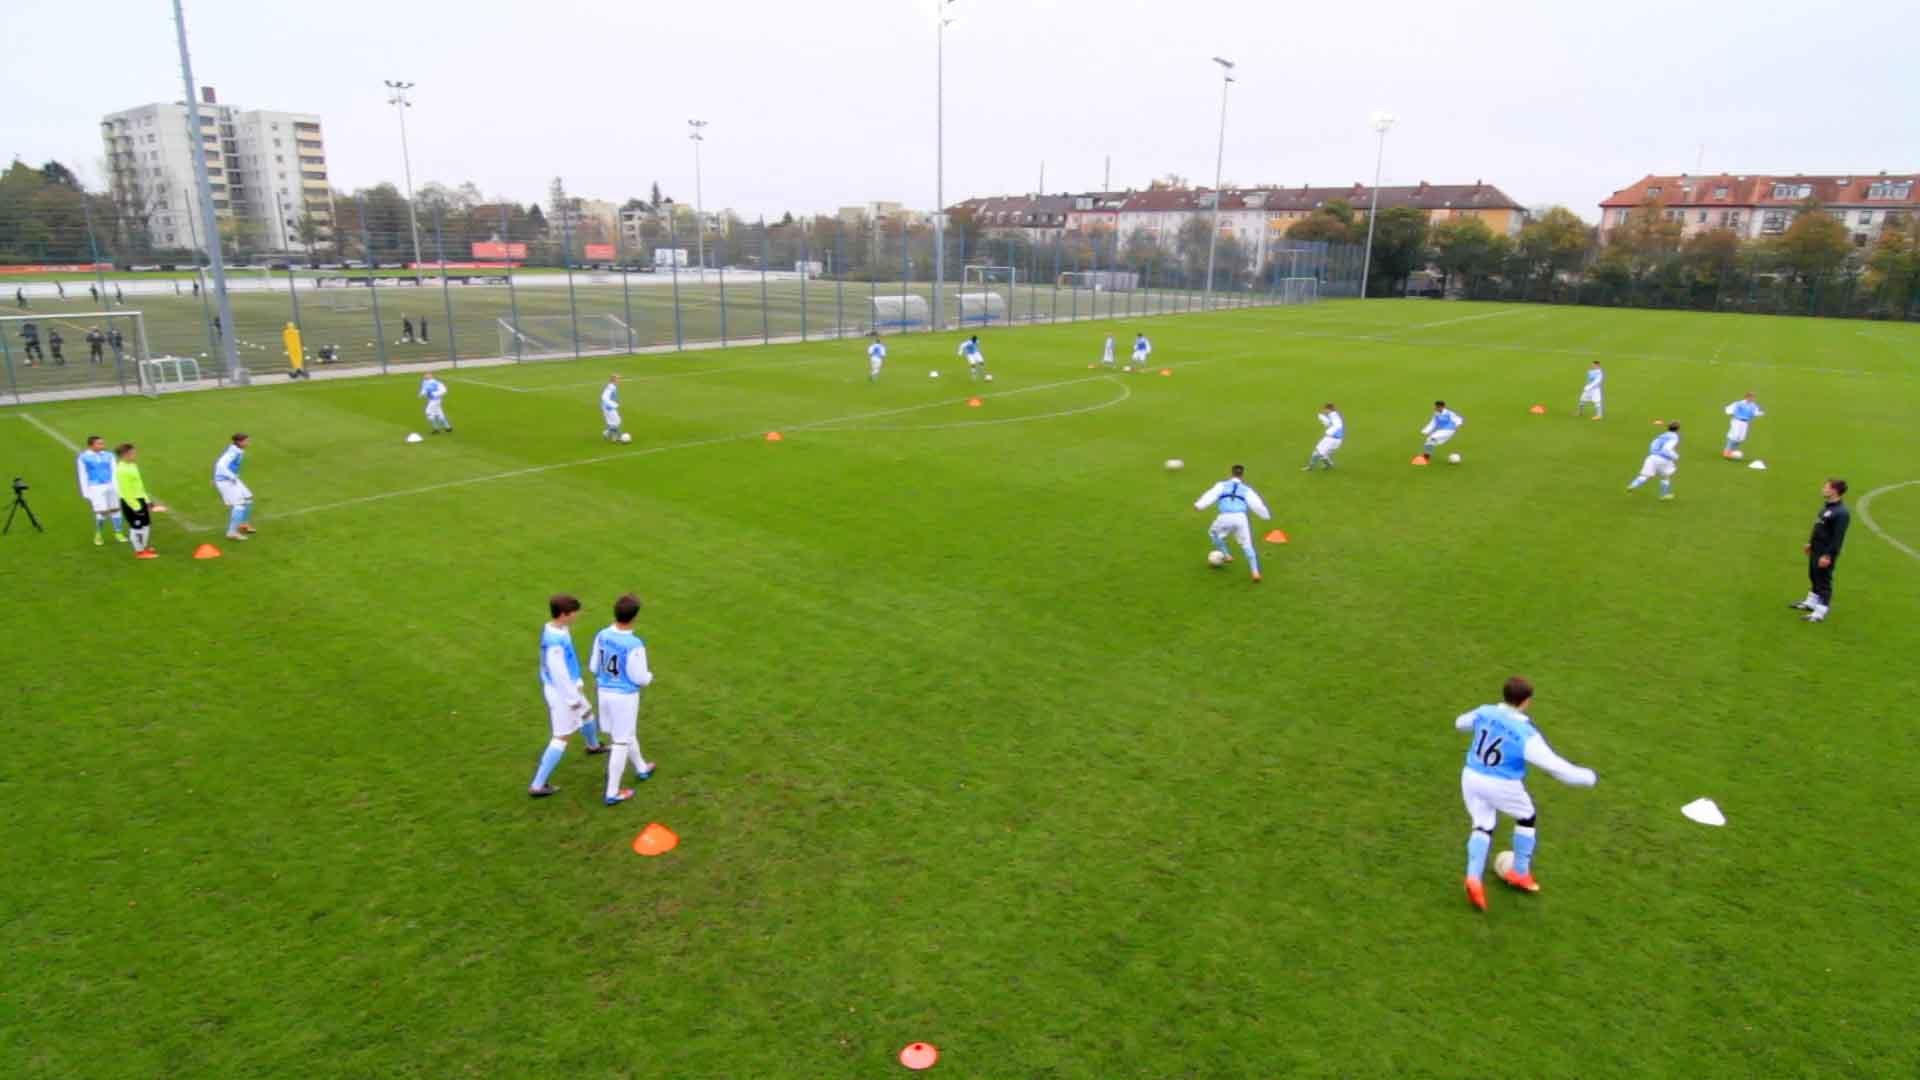 Ballschule: Außen-Außen, Innen-Innen